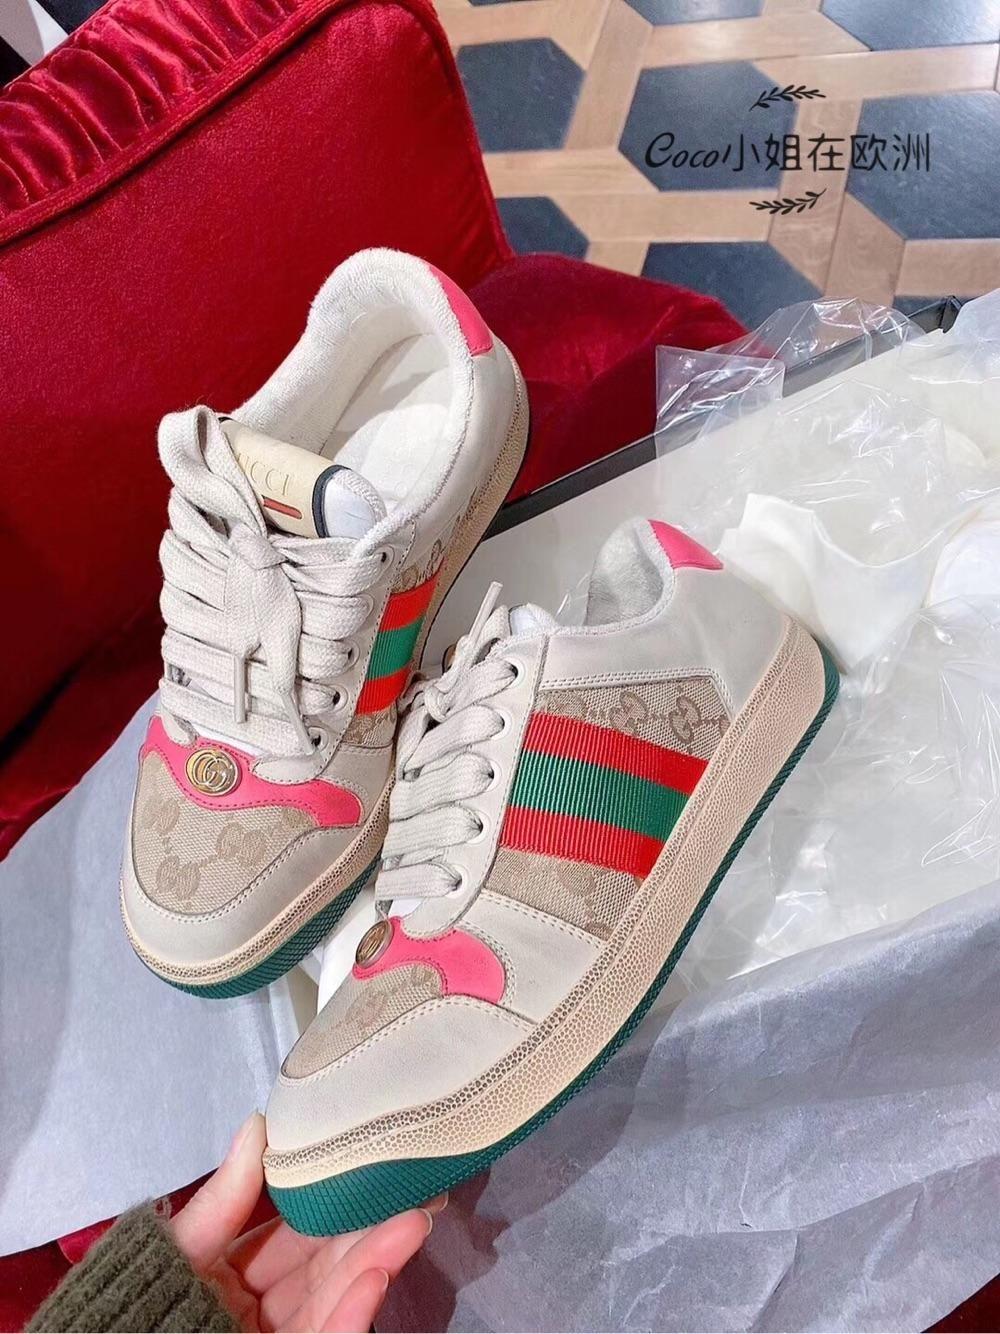 Gucci女鞋古驰Screener系列女士复古做旧皮革运动鞋